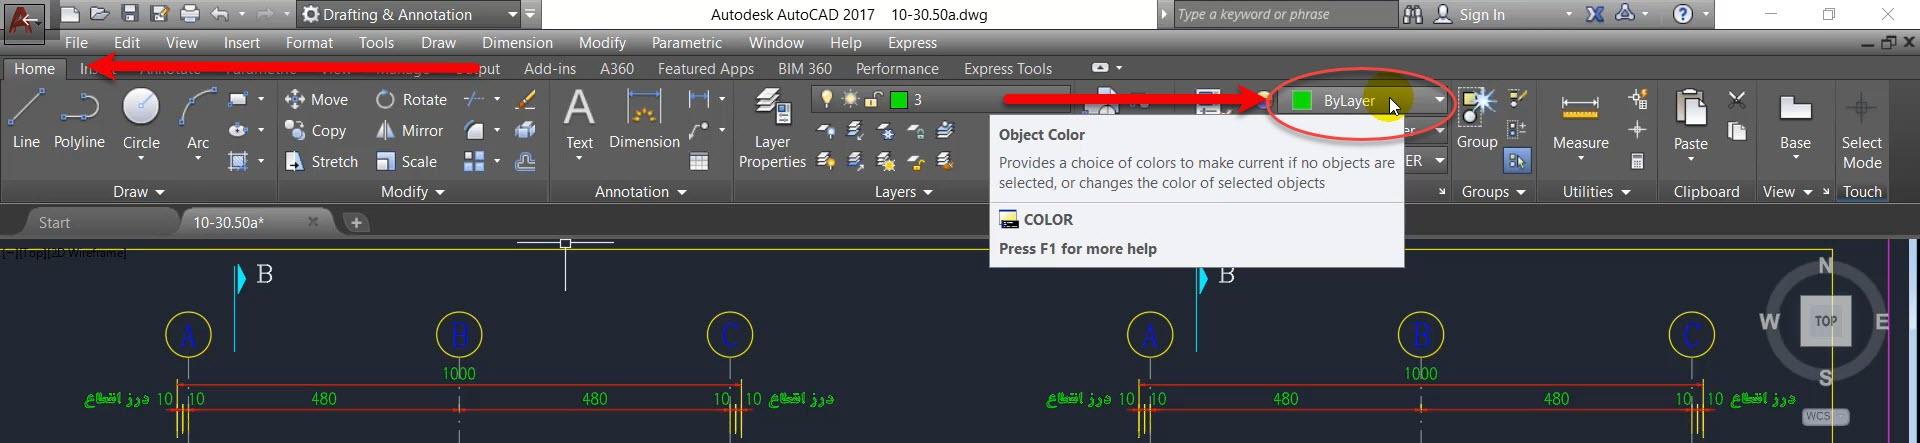 چگونه رنگ خطوط اتوکد را تغییر دهیم؟